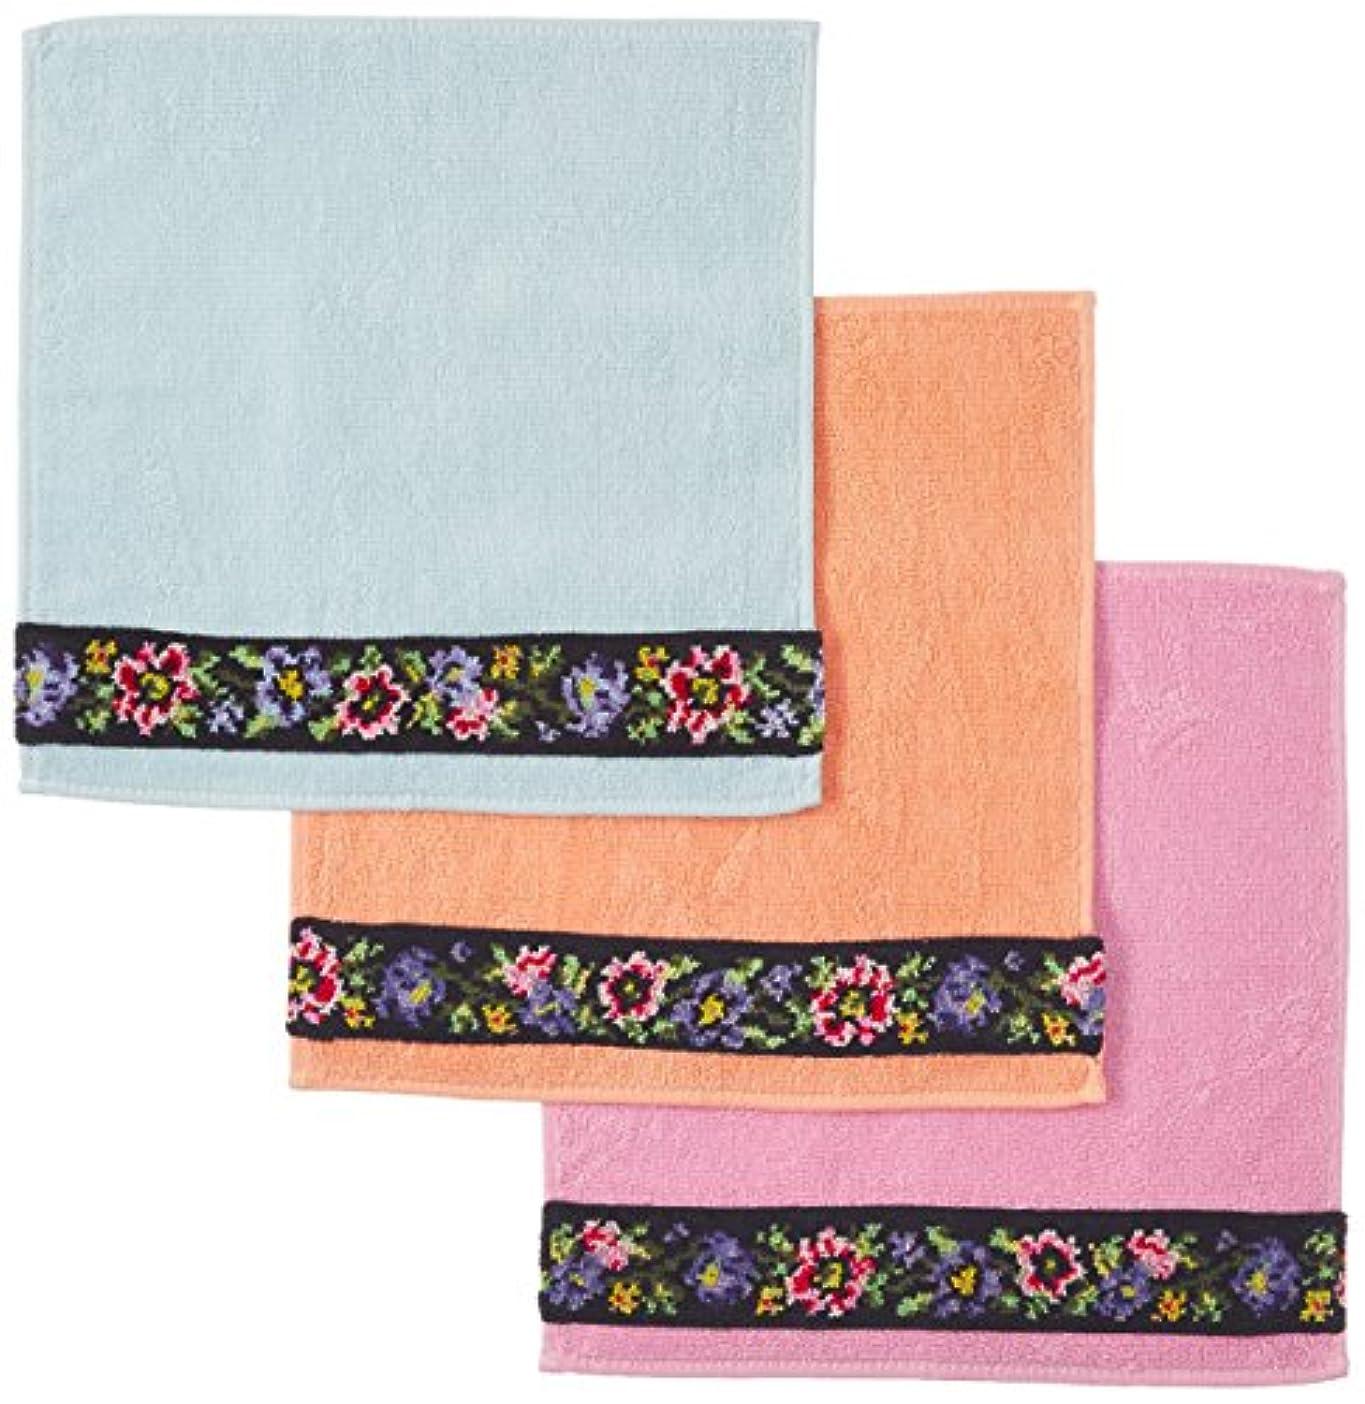 シェニール織り タオルハンカチ 3色組